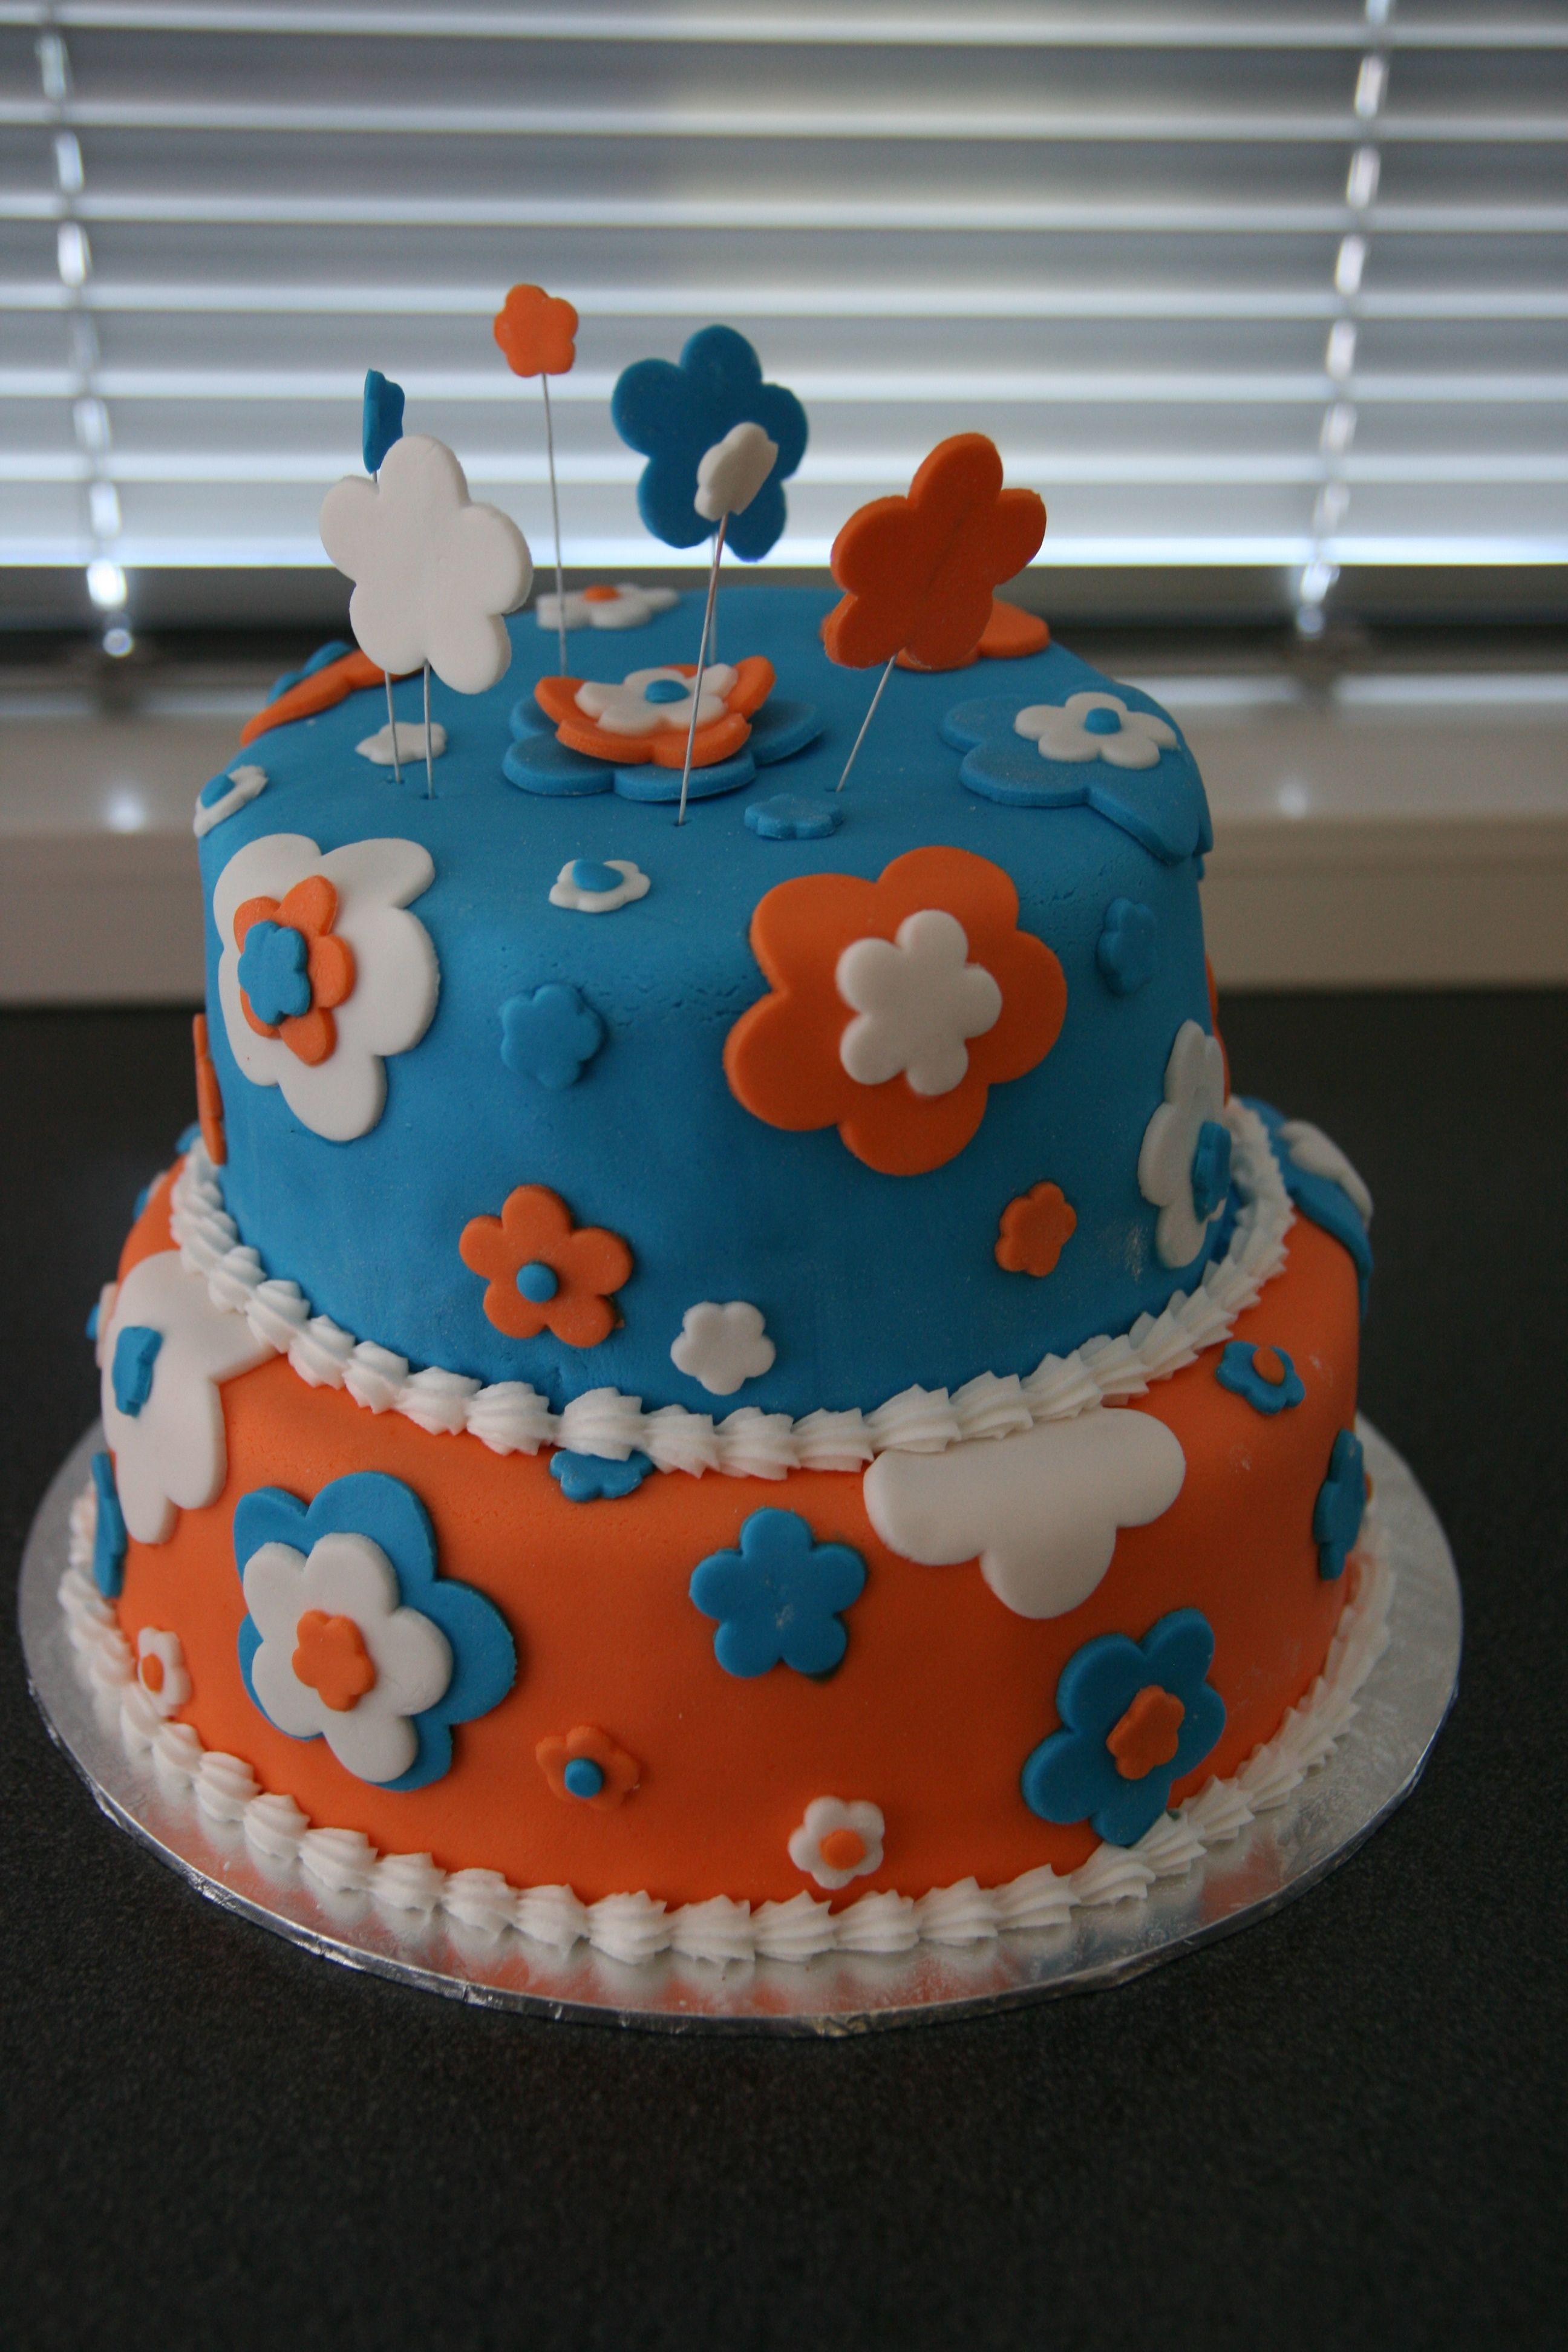 Mijn eerste taart gemaakt bij Le beau gateau in Amsterdam